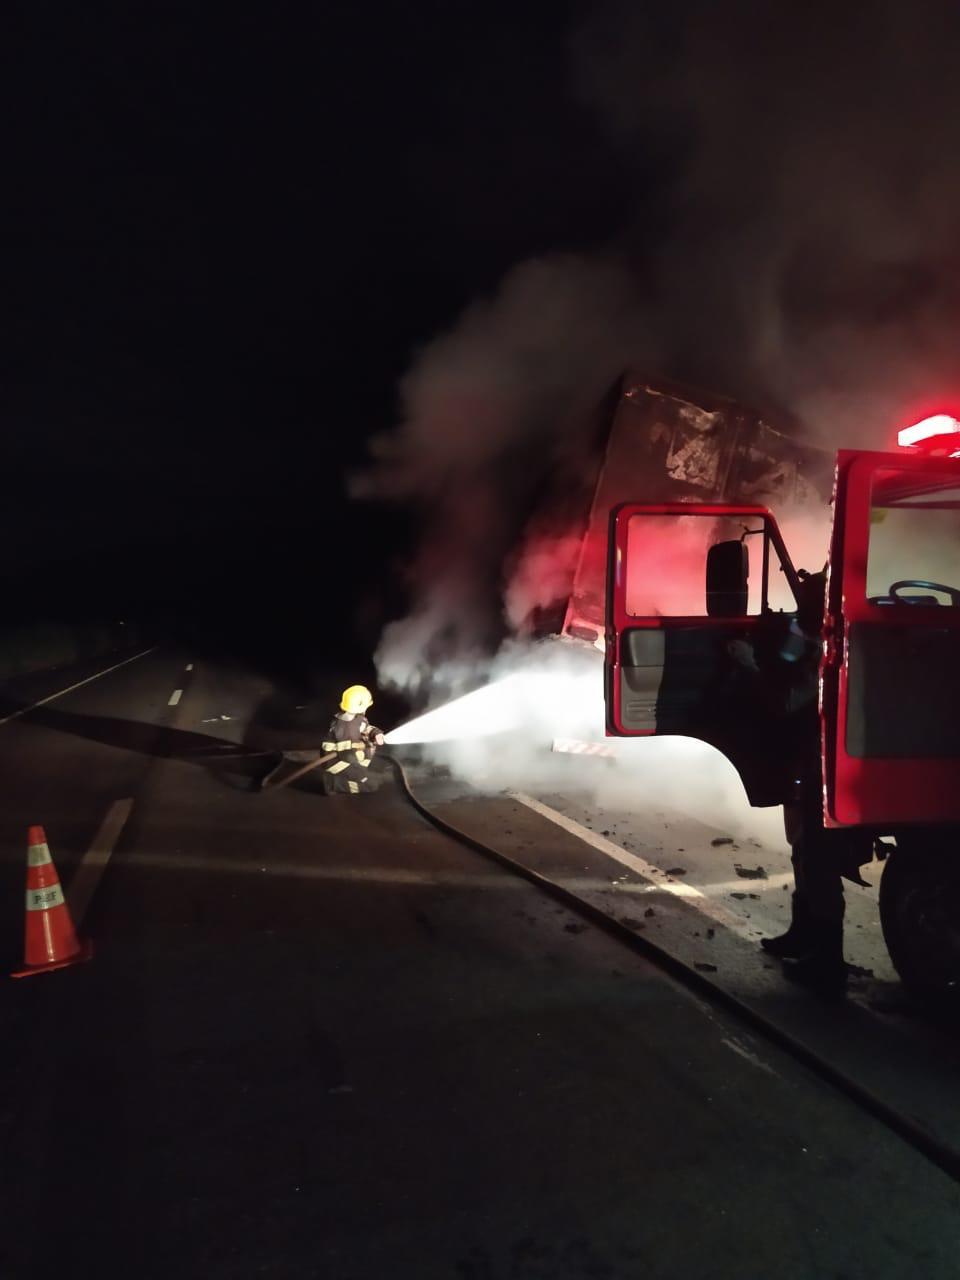 Caminhão carregado de frango pega fogo BR-060, em Varjão (Foto: Divulgação/Corpo de Bombeiros)